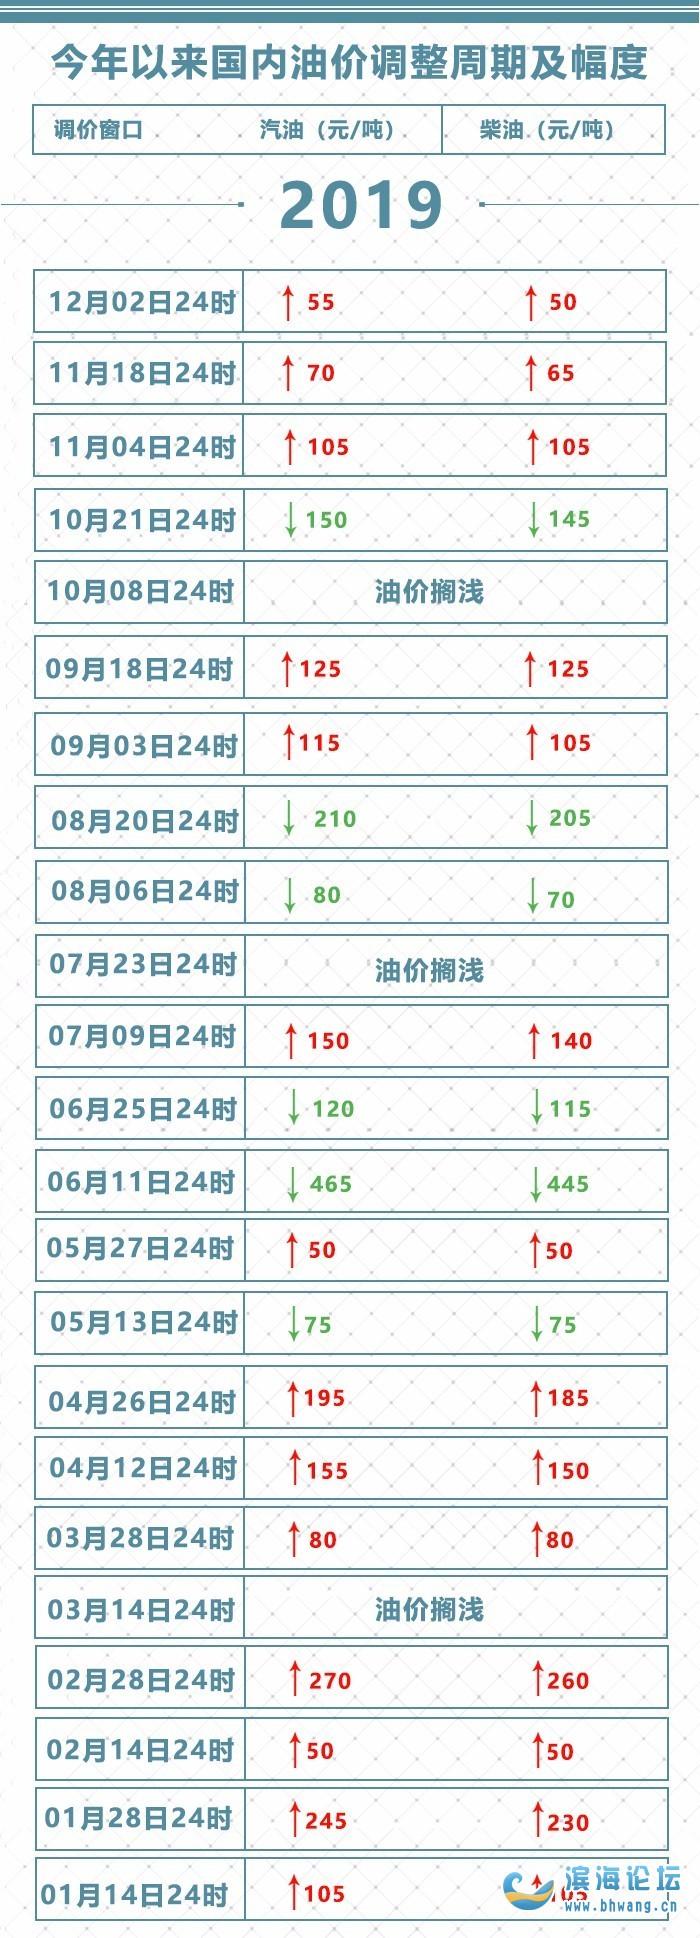 @濱海的司機們, 油價又要變!